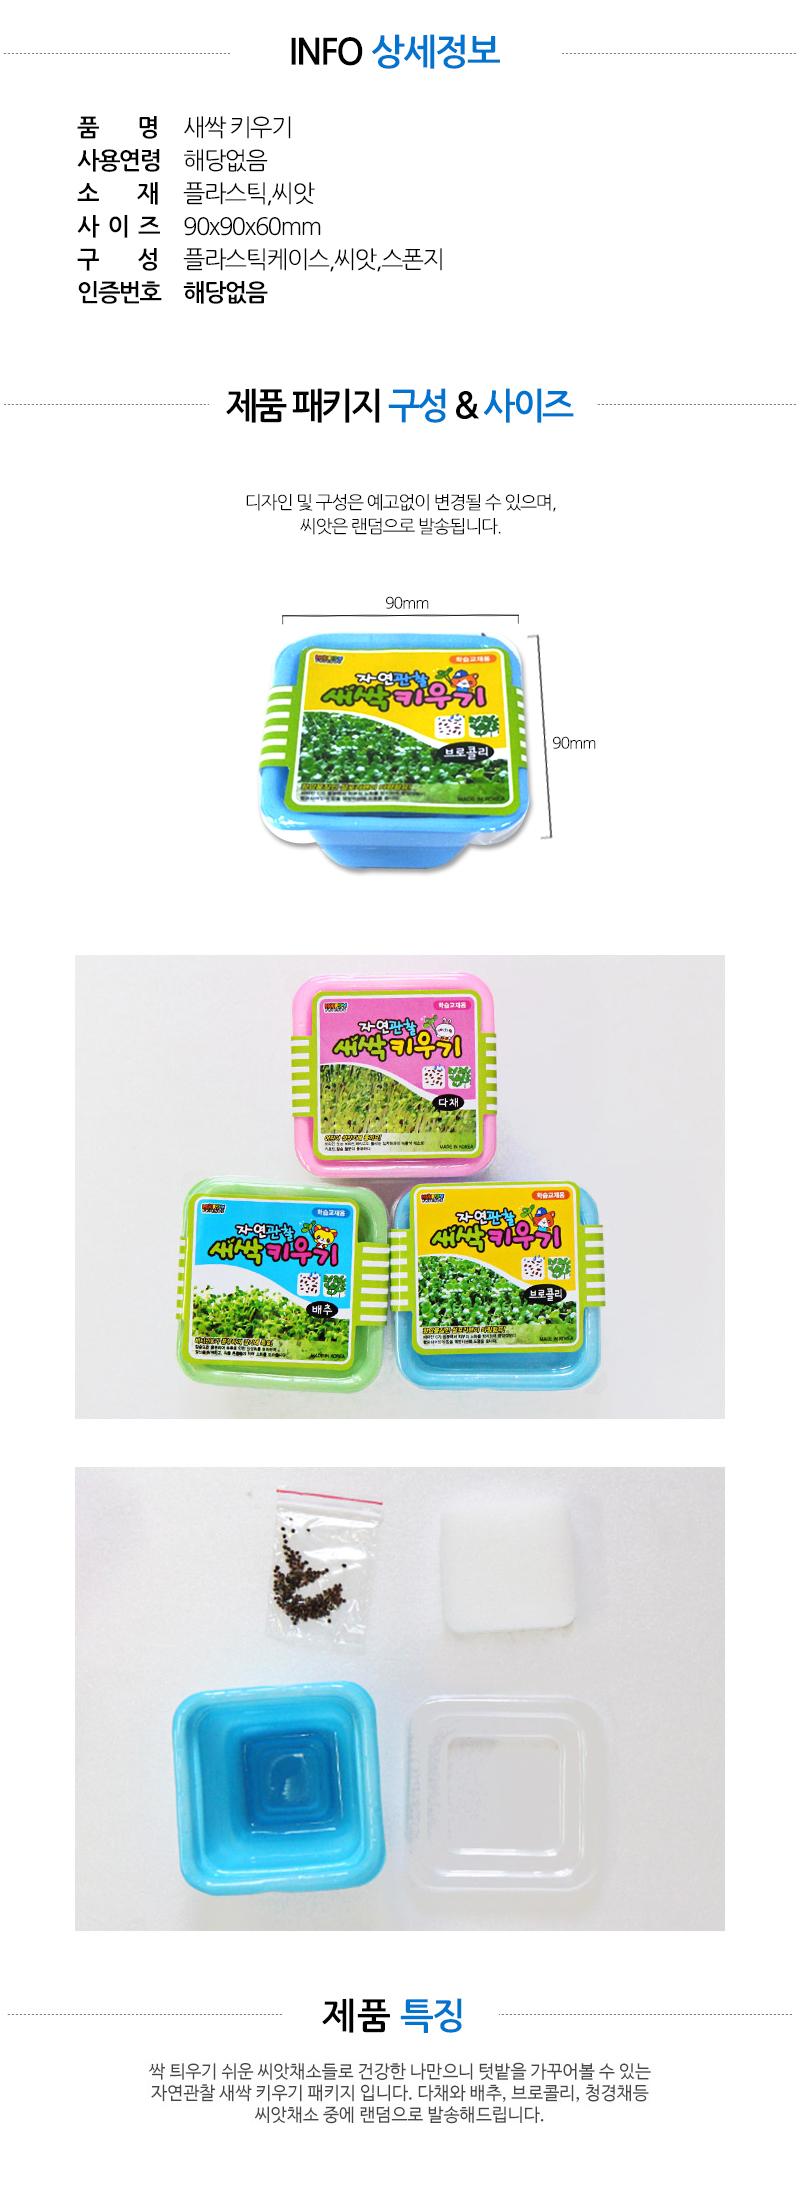 자연관찰 새싹키우기(랜덤) - 킹콩박스, 1,000원, 새싹/모종키우기, 새싹 키우기